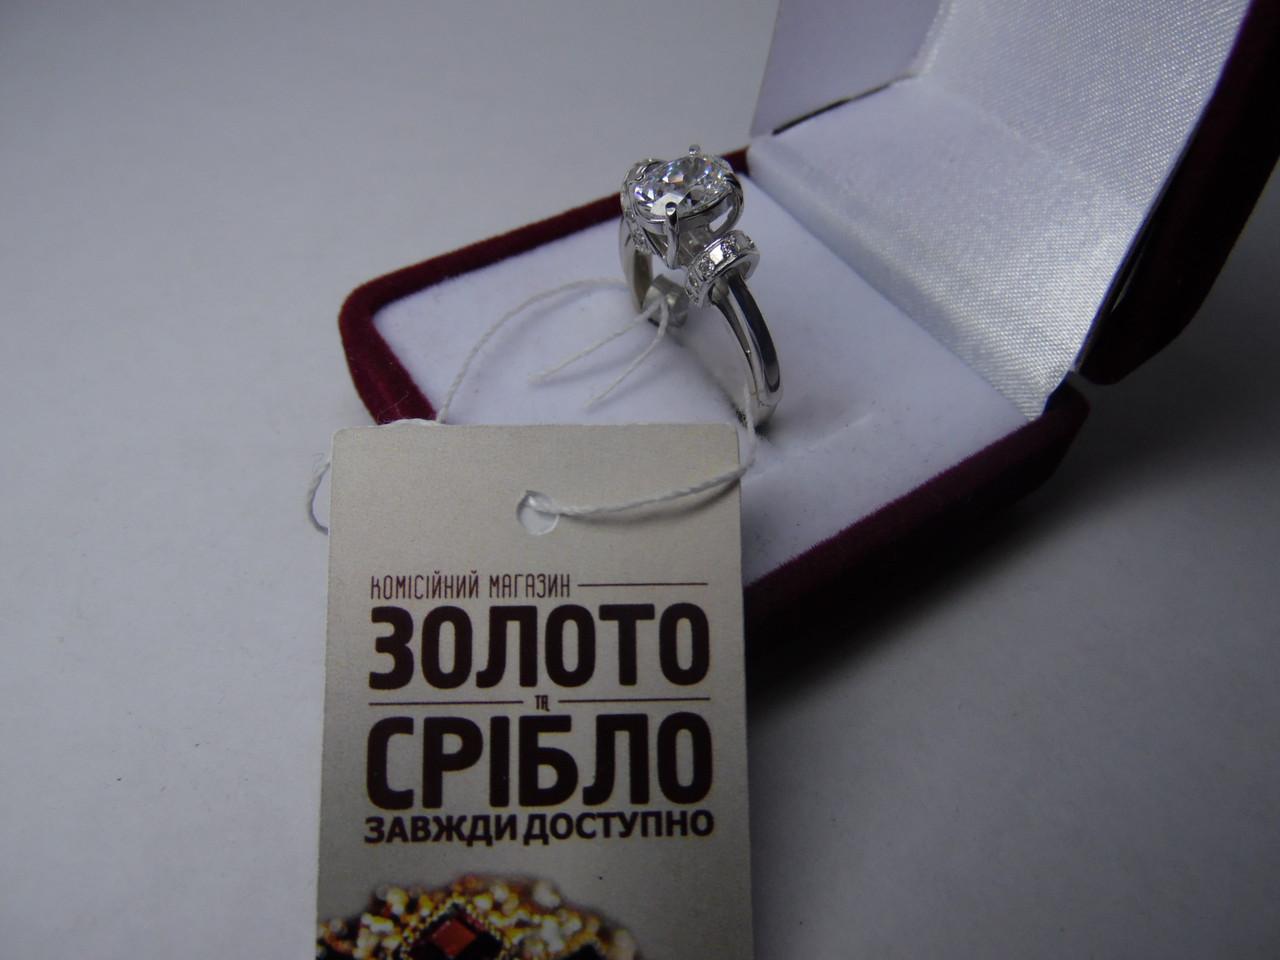 Женское кольцо с белого золота с цирконом 585 пробы. Размер 17,3 -  Комісійний 298d1de4e2d